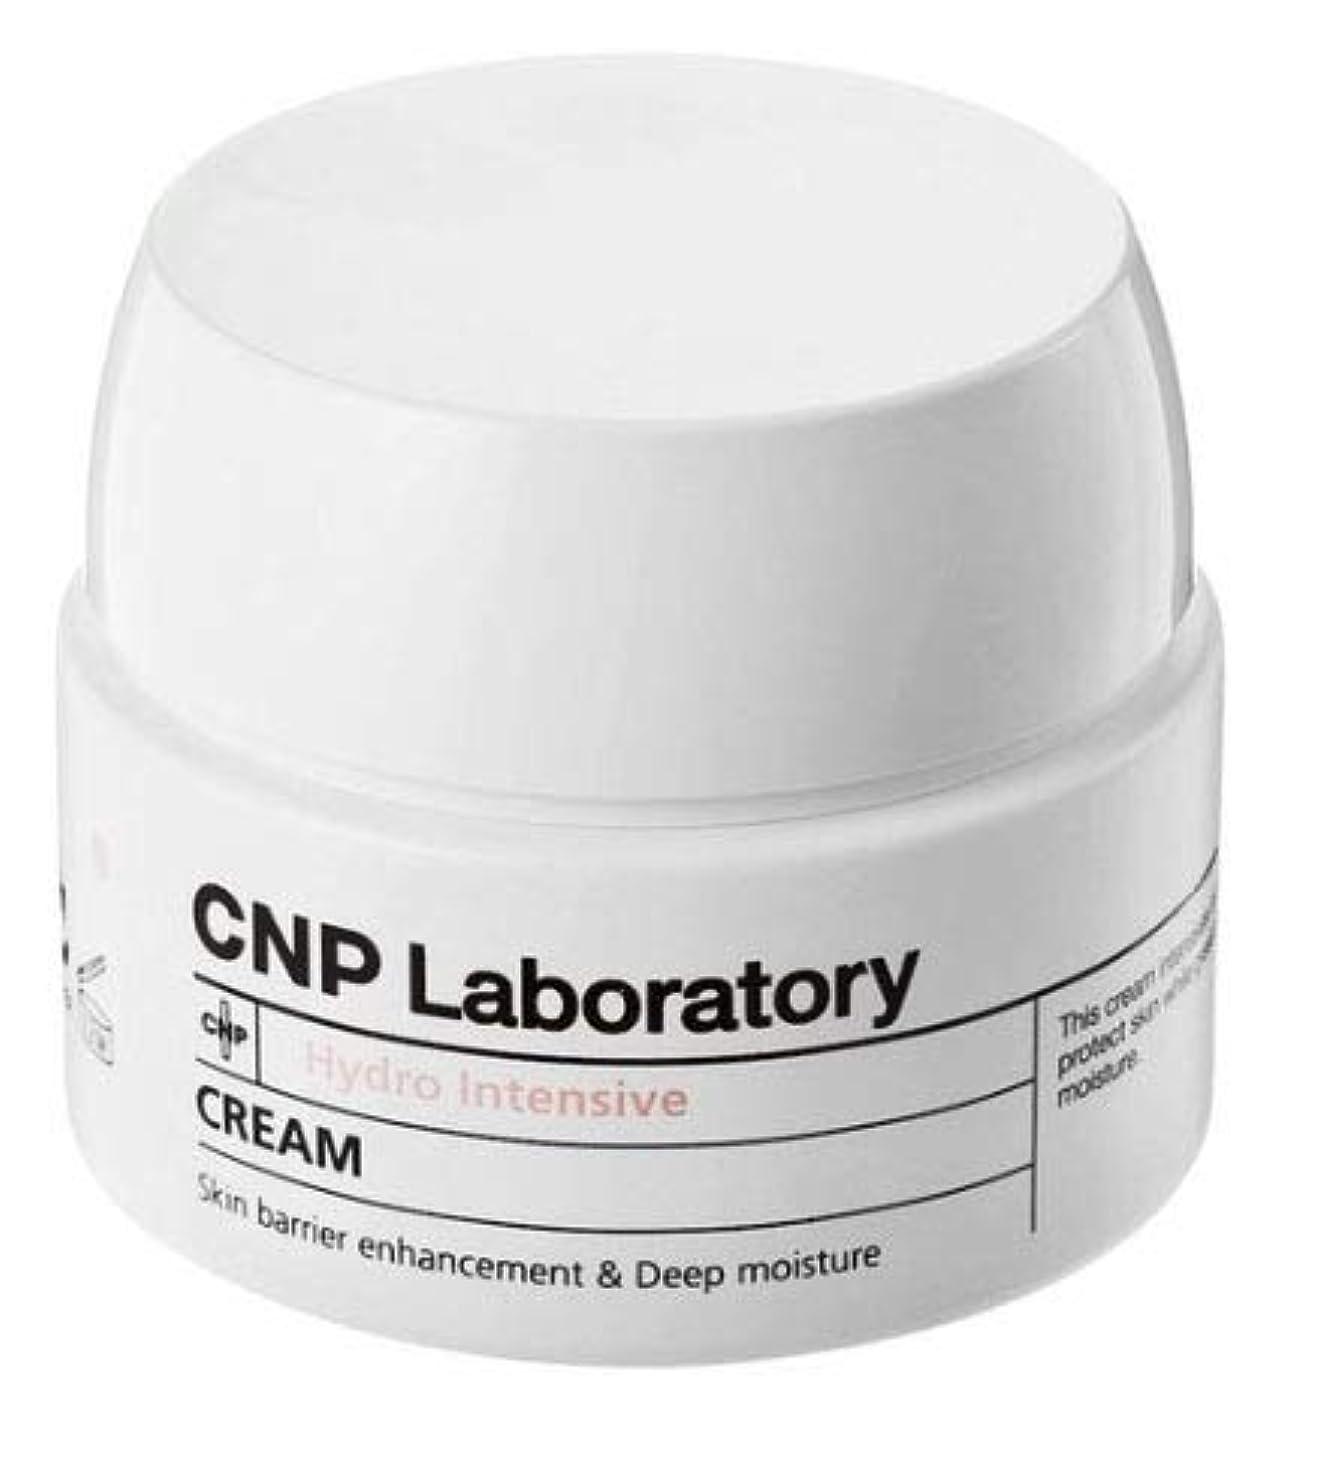 のためにプレミアムスCNPハイドロインテンシブクリーム50ml水分クリーム韓国コスメ、CNP Hydro Intensive Cream 50ml Korean Cosmetics [並行輸入品]